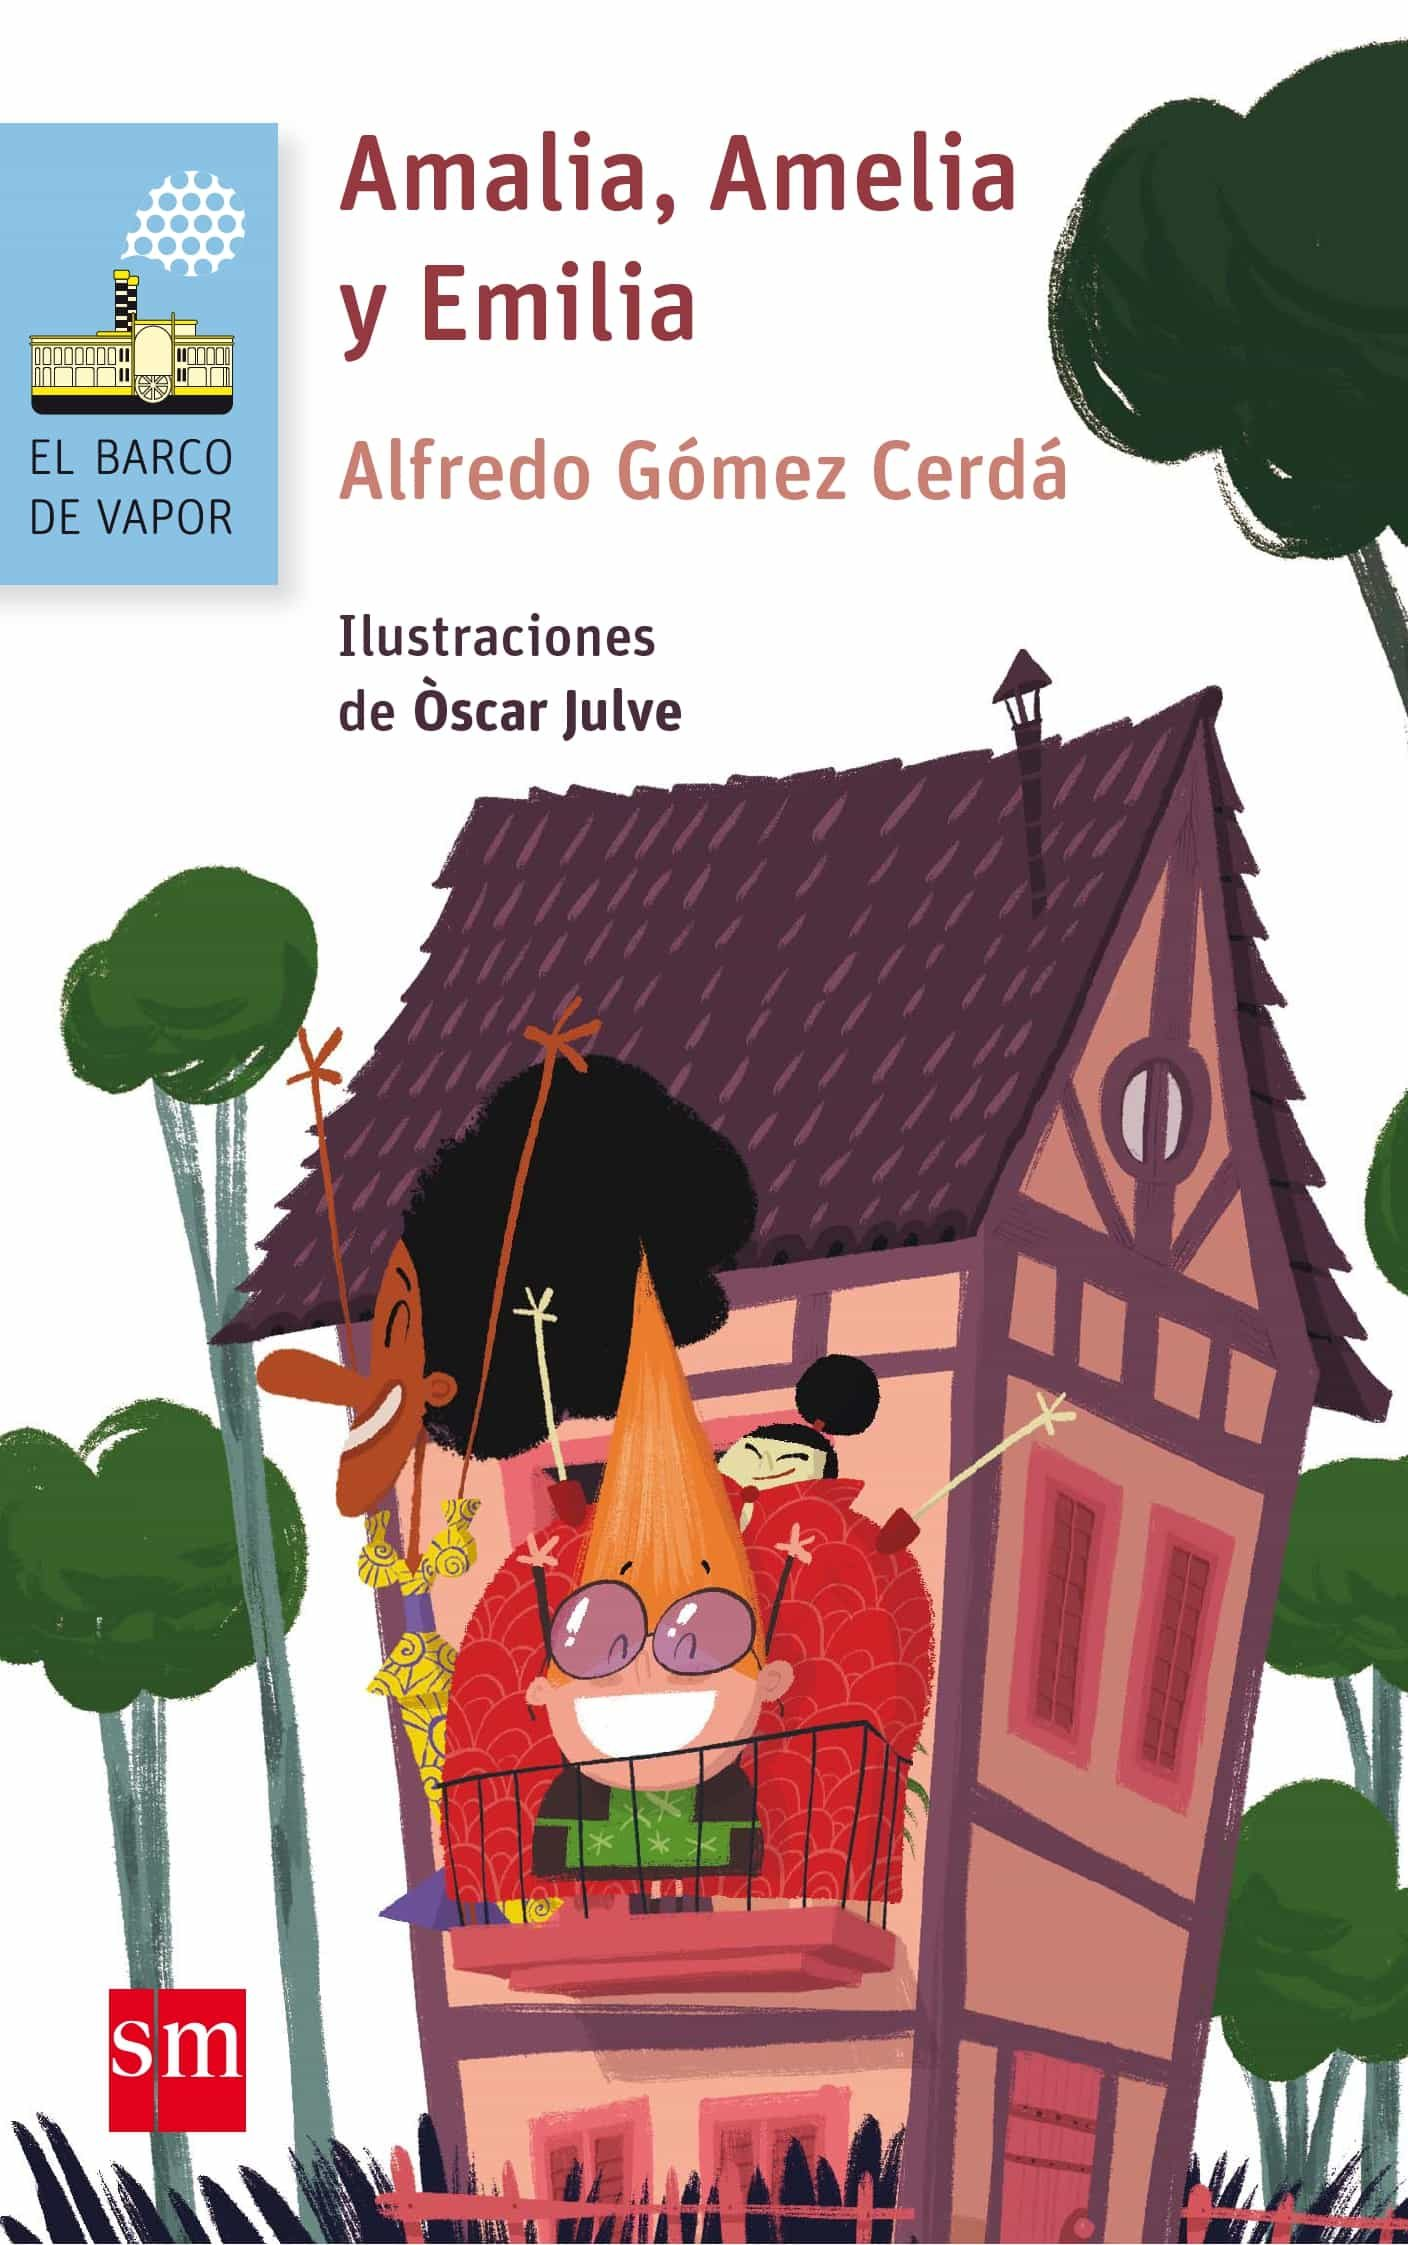 Amalia, Amelia Y Emilia por Alfredo Gómez Cerdá